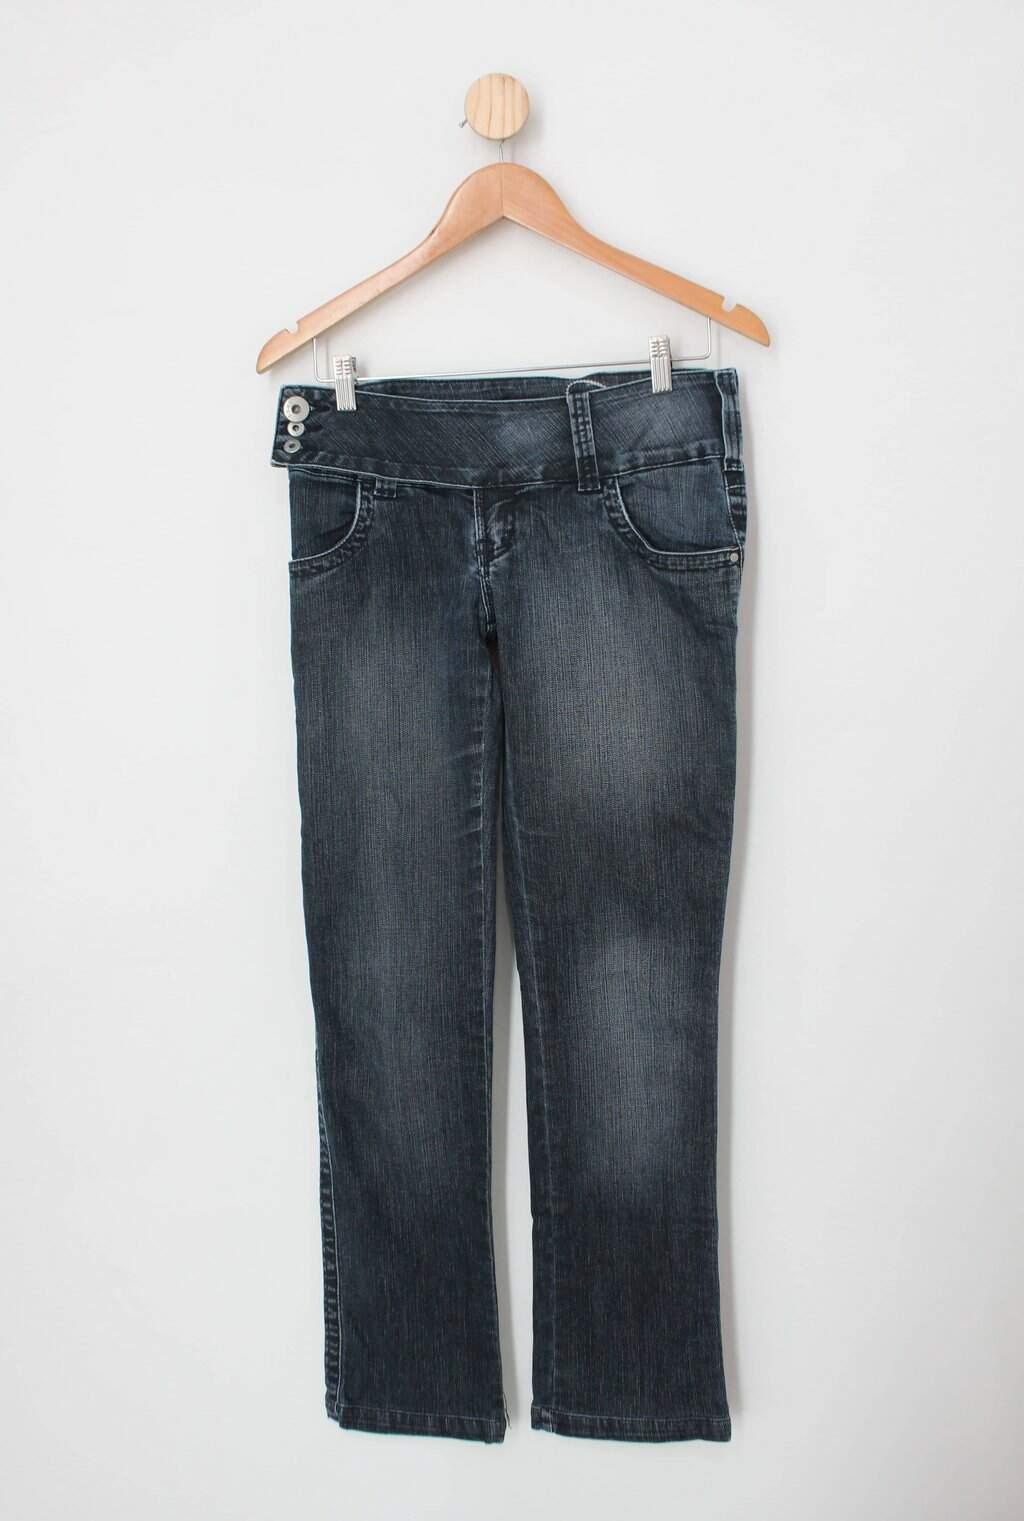 Calça Jeans Feat Feminina Azul